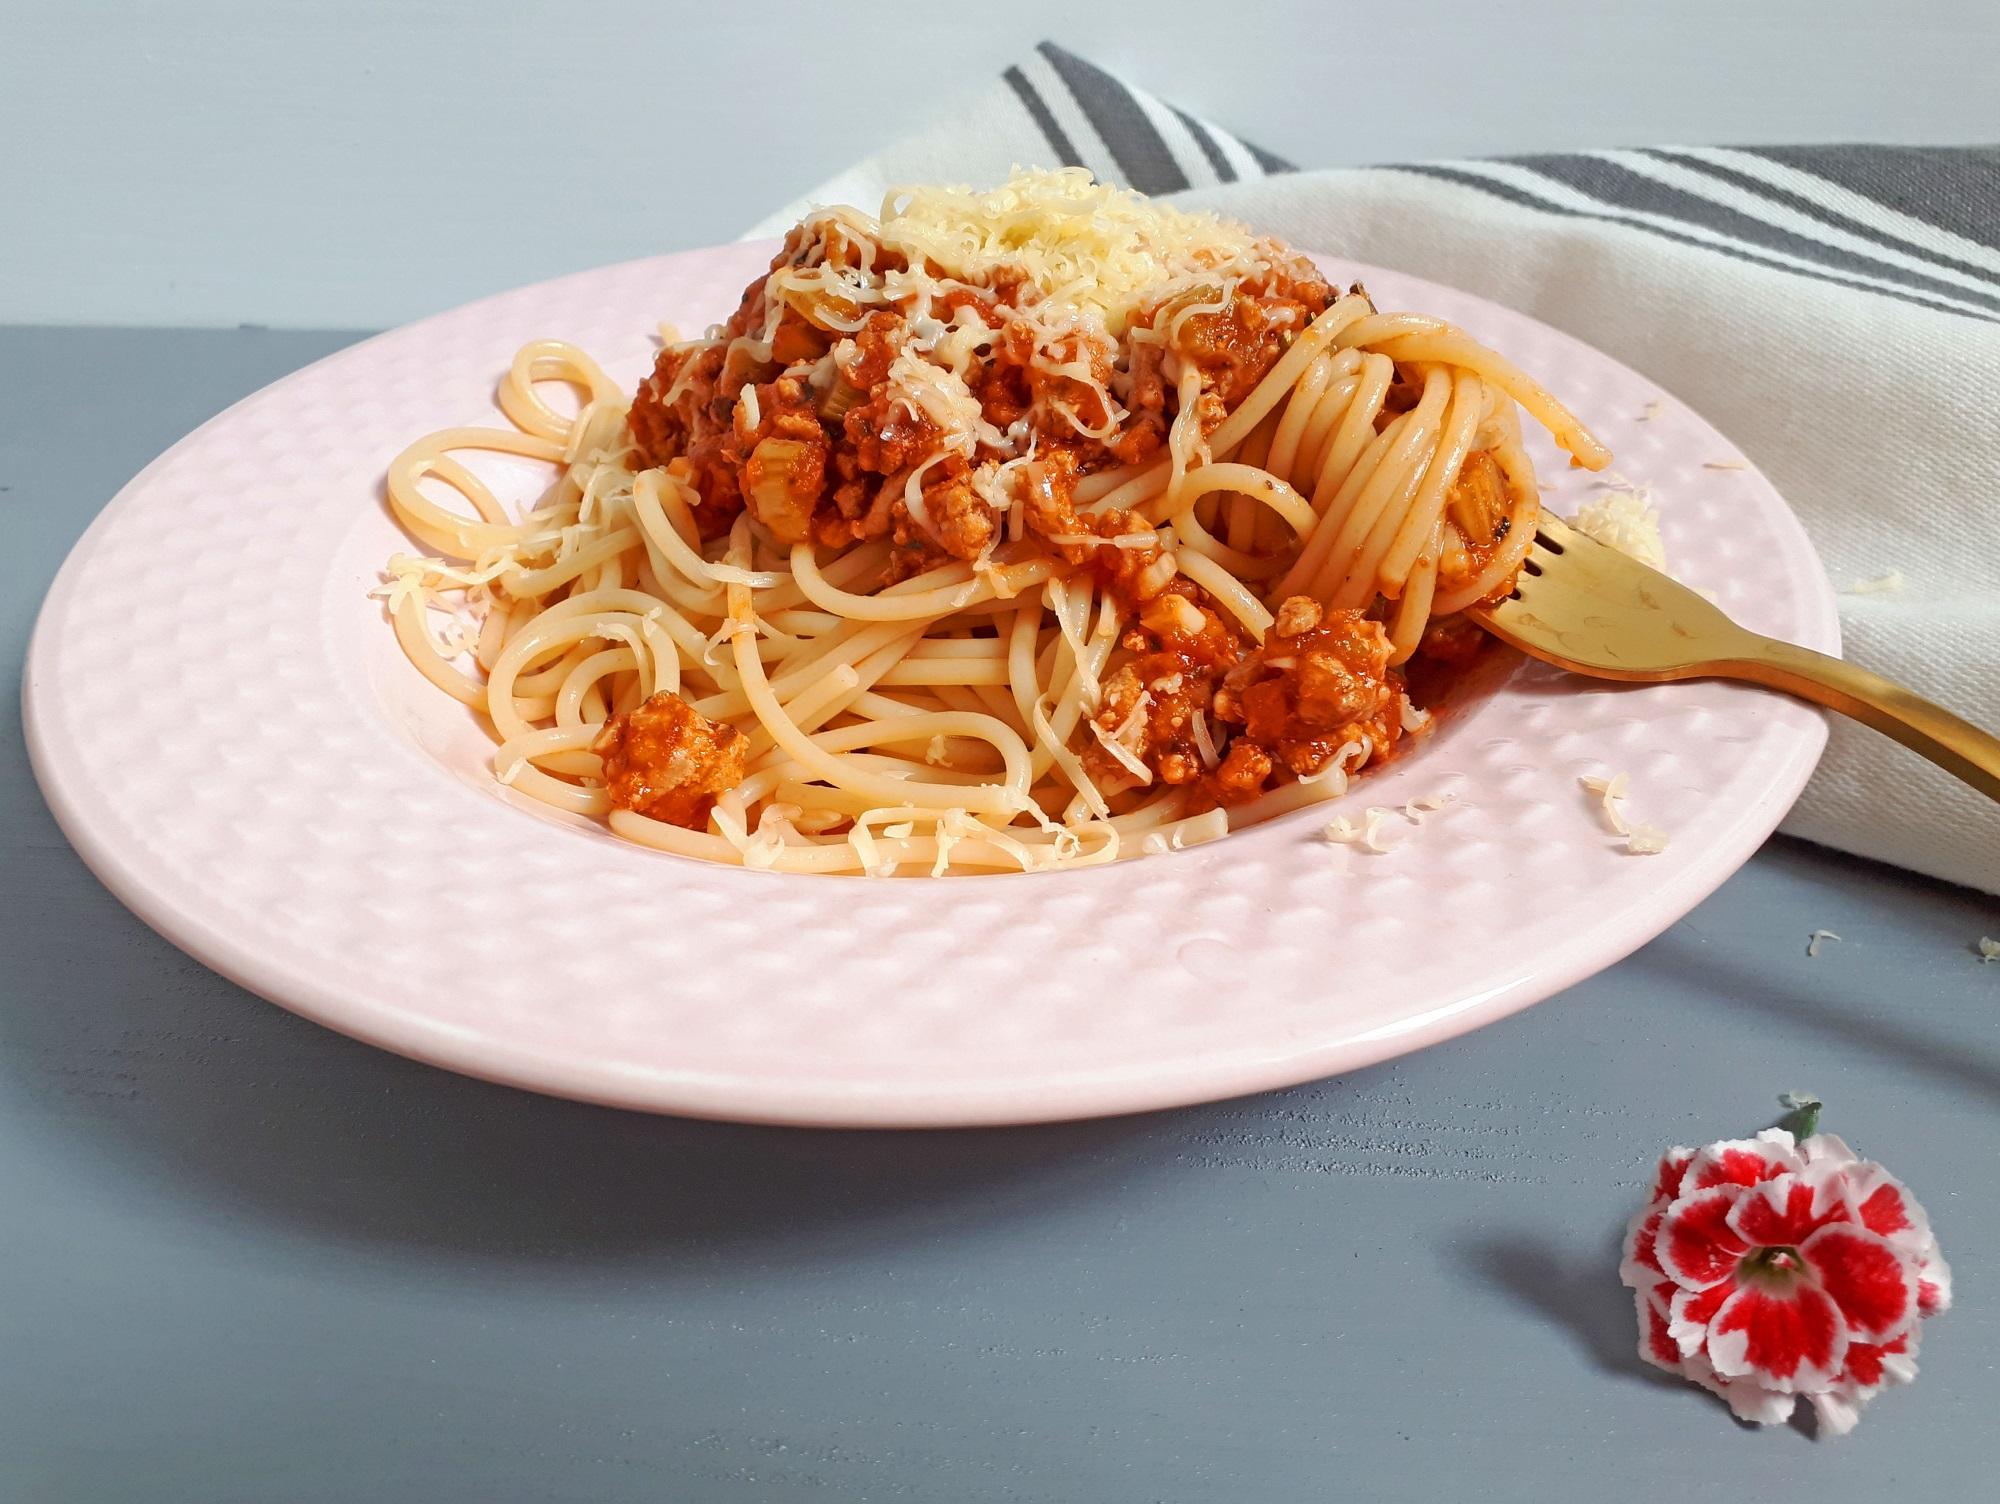 bolognai_spagetti_recept_foldi_rita_1.jpg